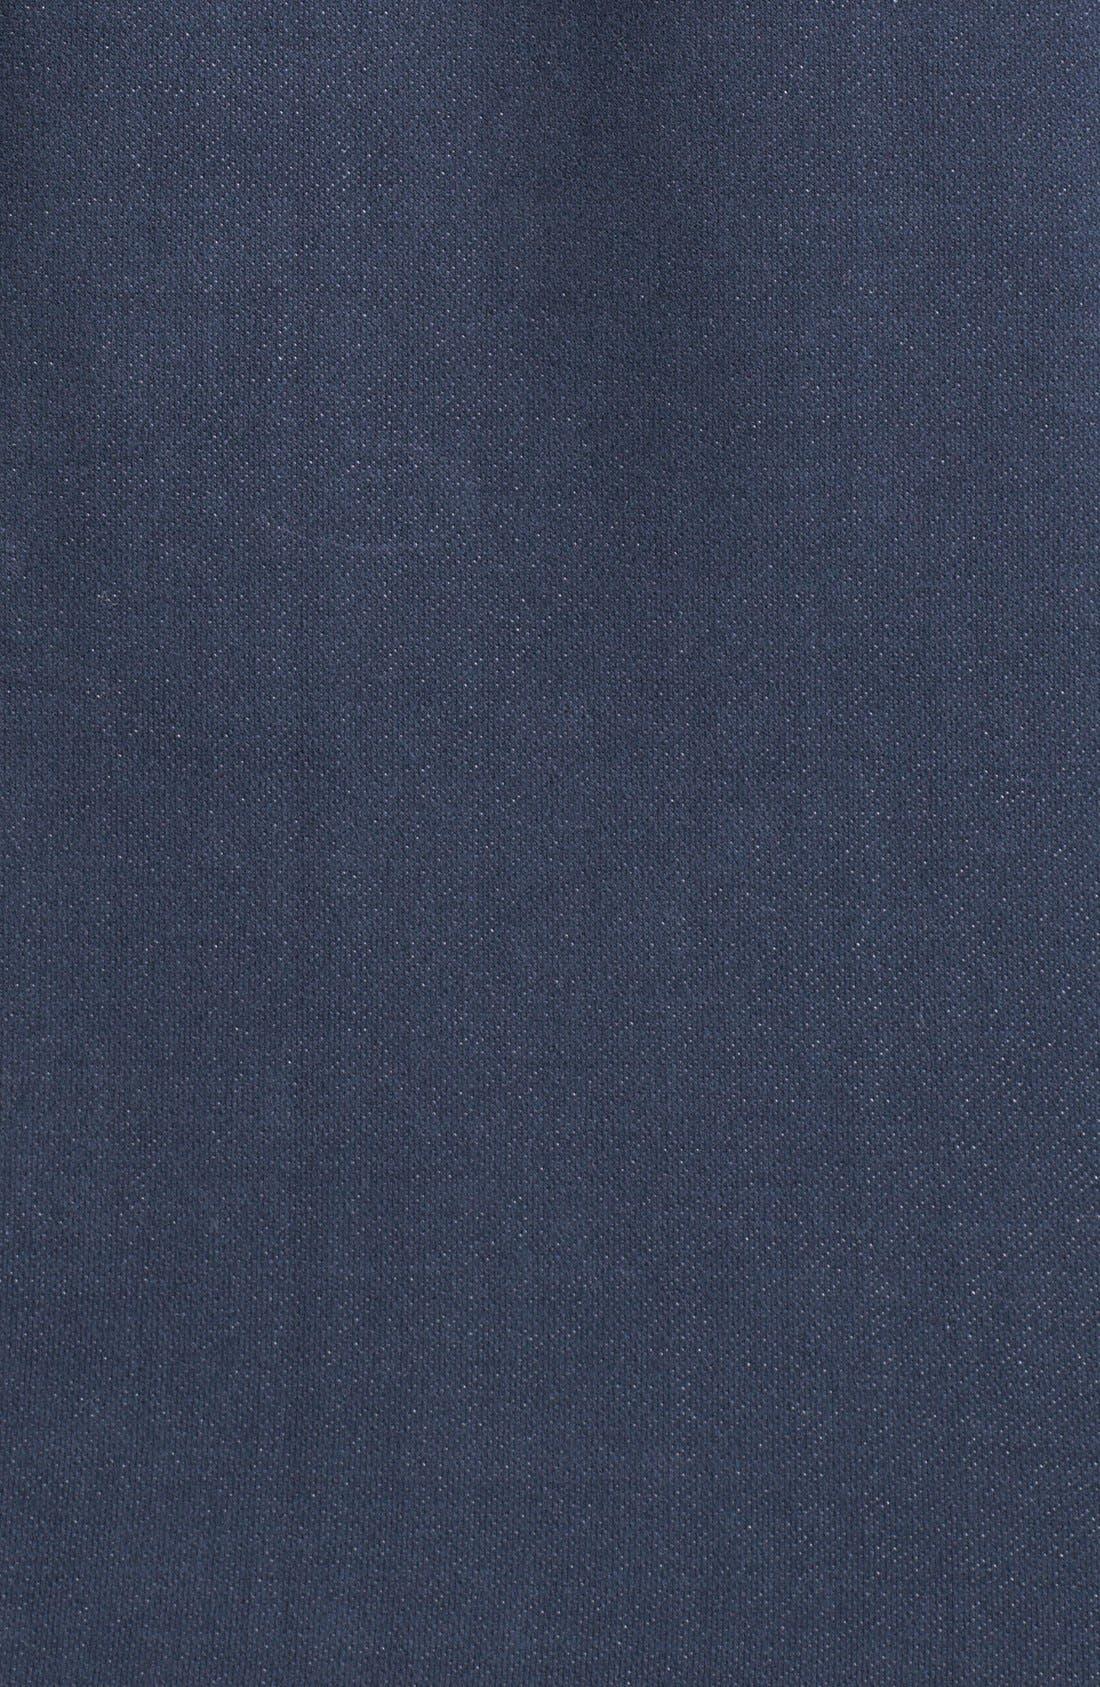 Alternate Image 3  - RVCA 'Hatcher' Varsity Jacket